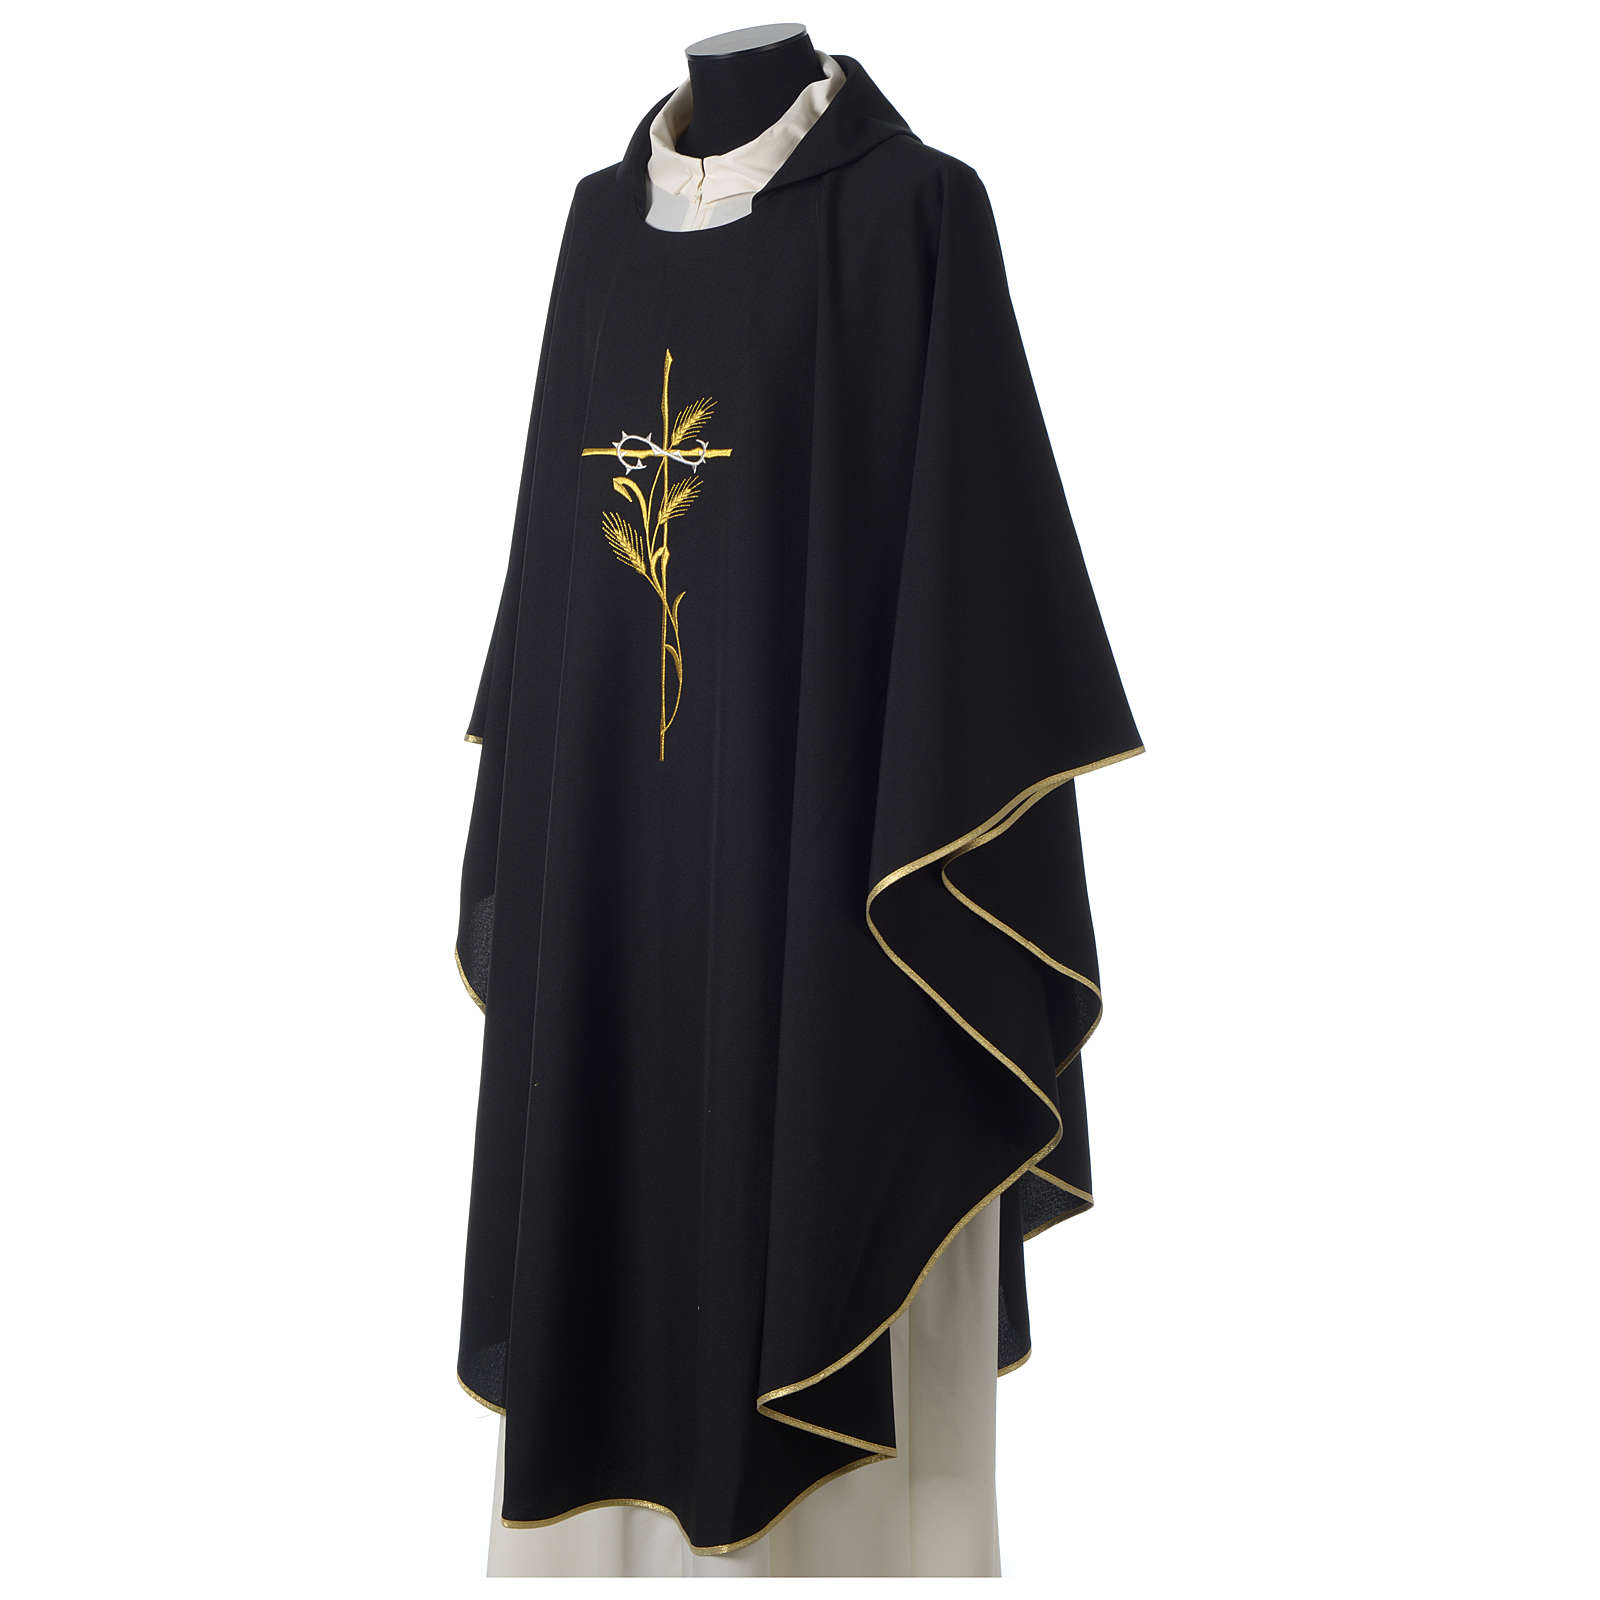 Ornat 100% poliester haft krzyż kłos korona cierniowa czarny 4